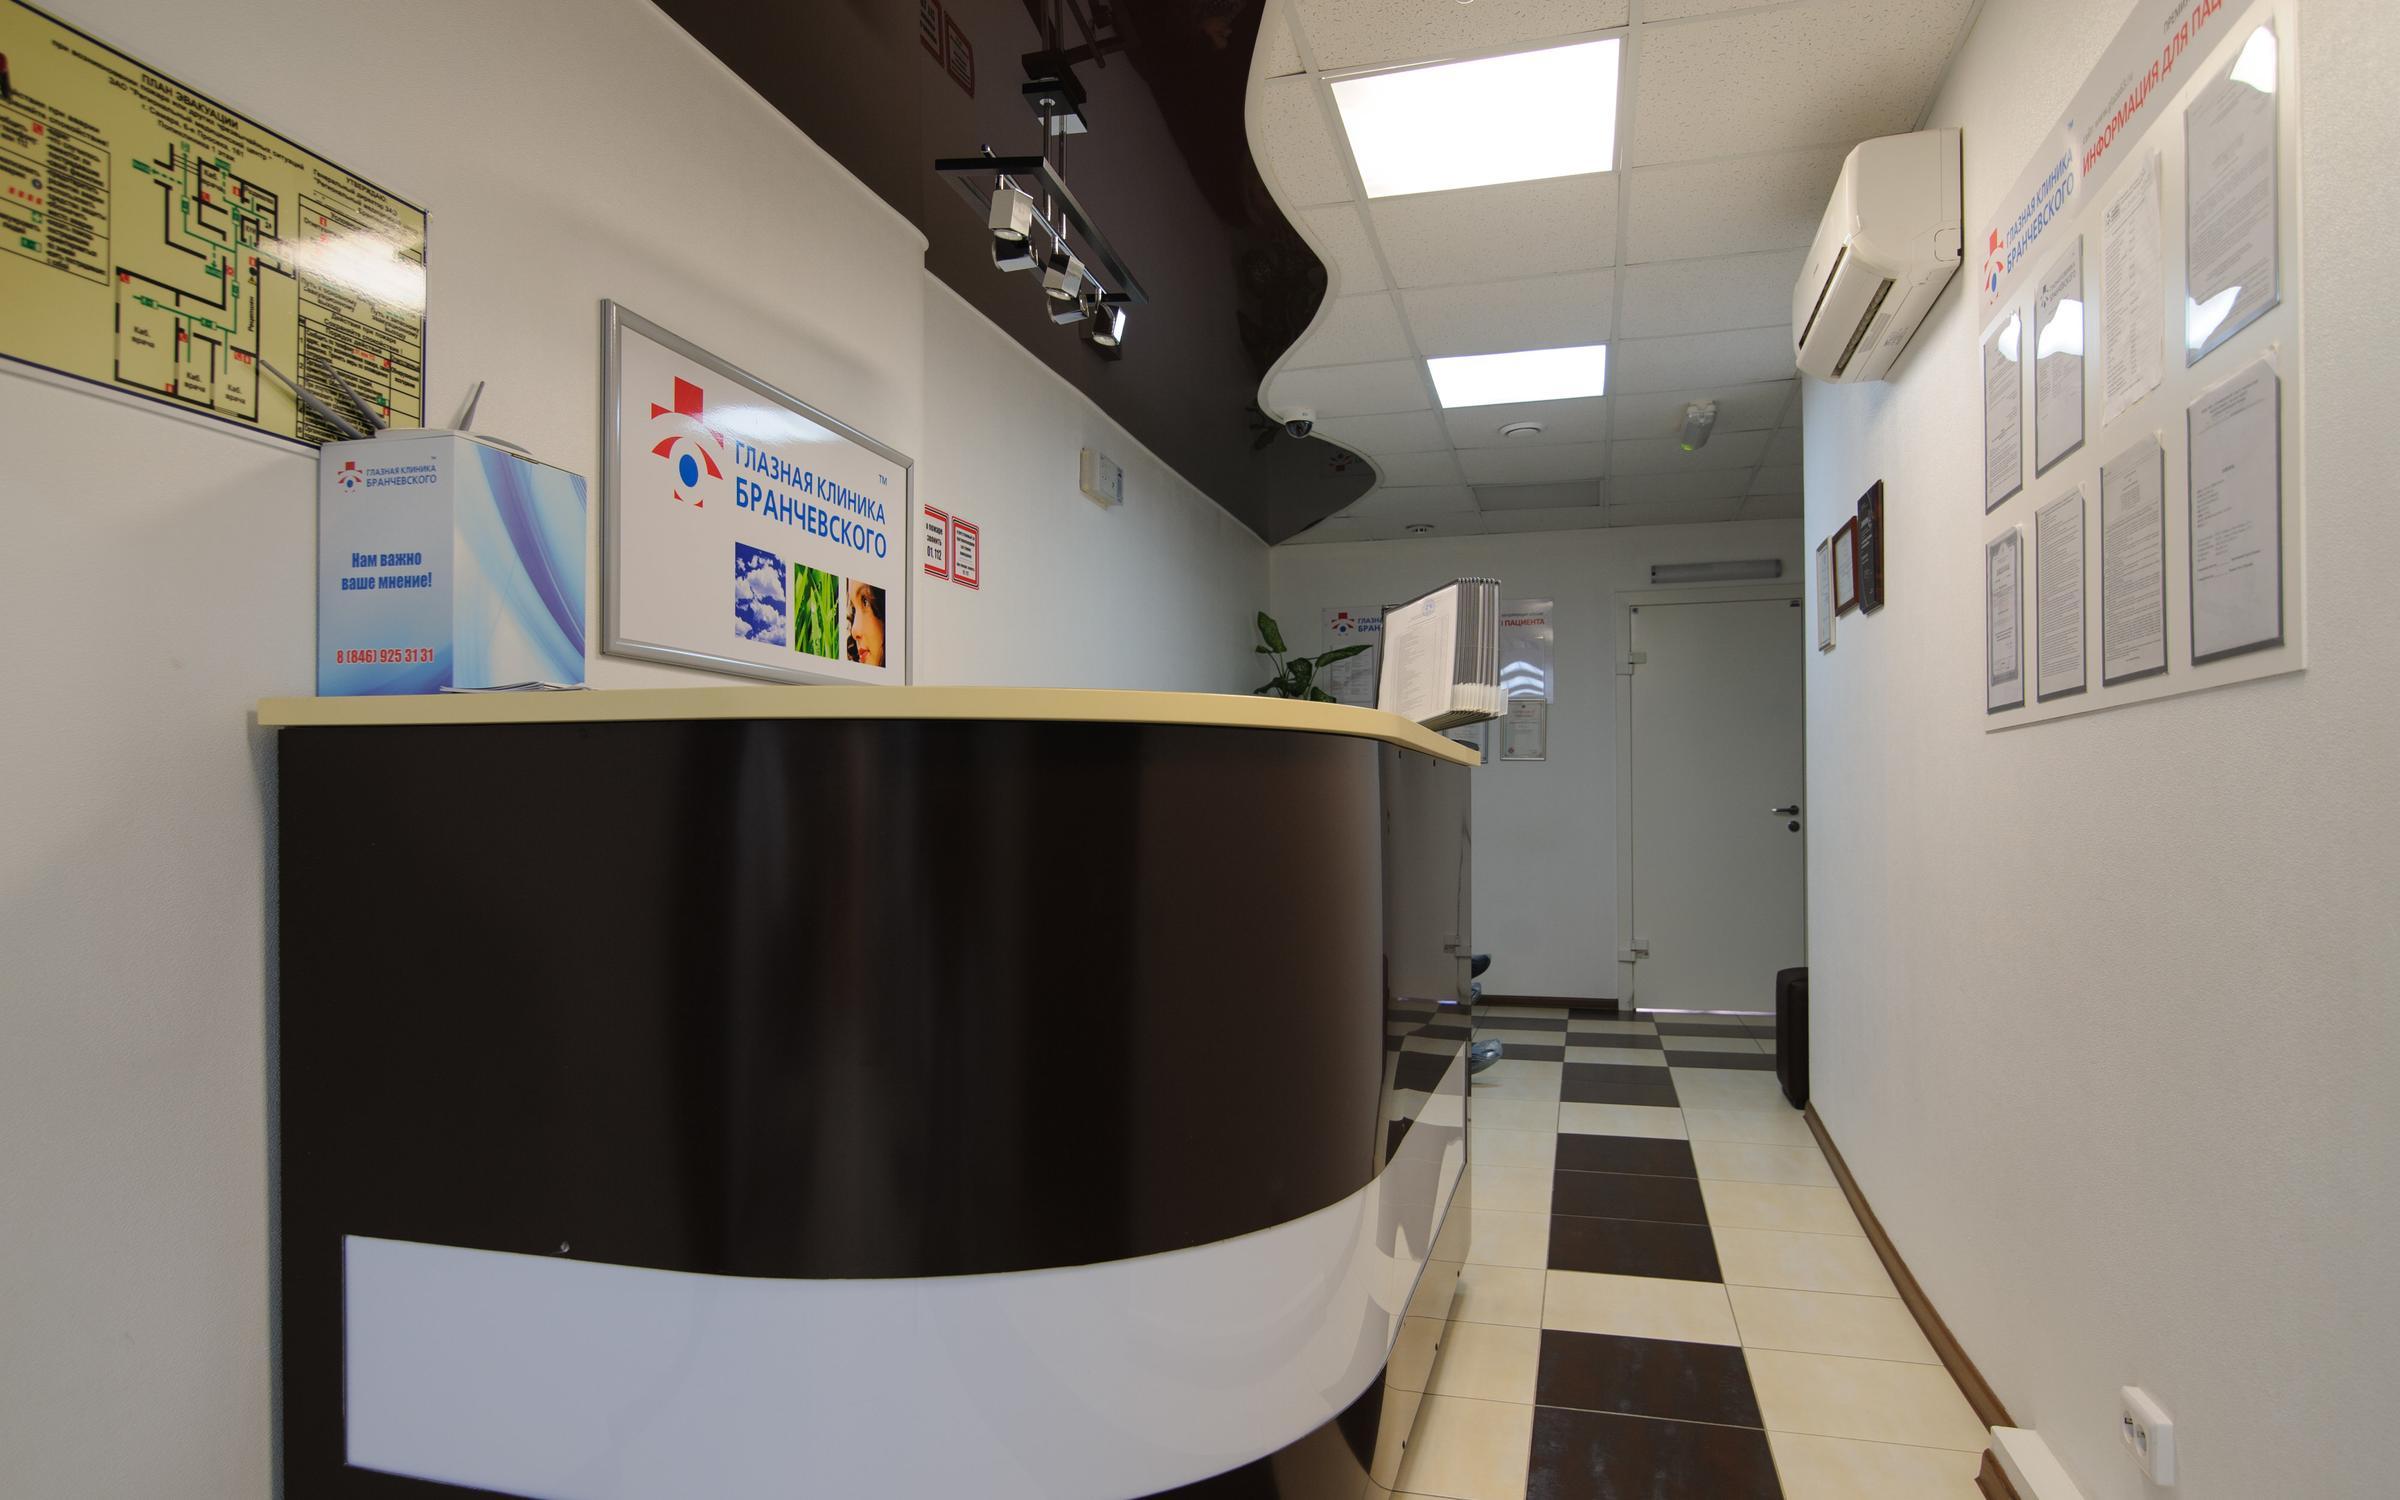 фотография Глазная клиника Бранчевского на проспекте Королёва в Сызрани